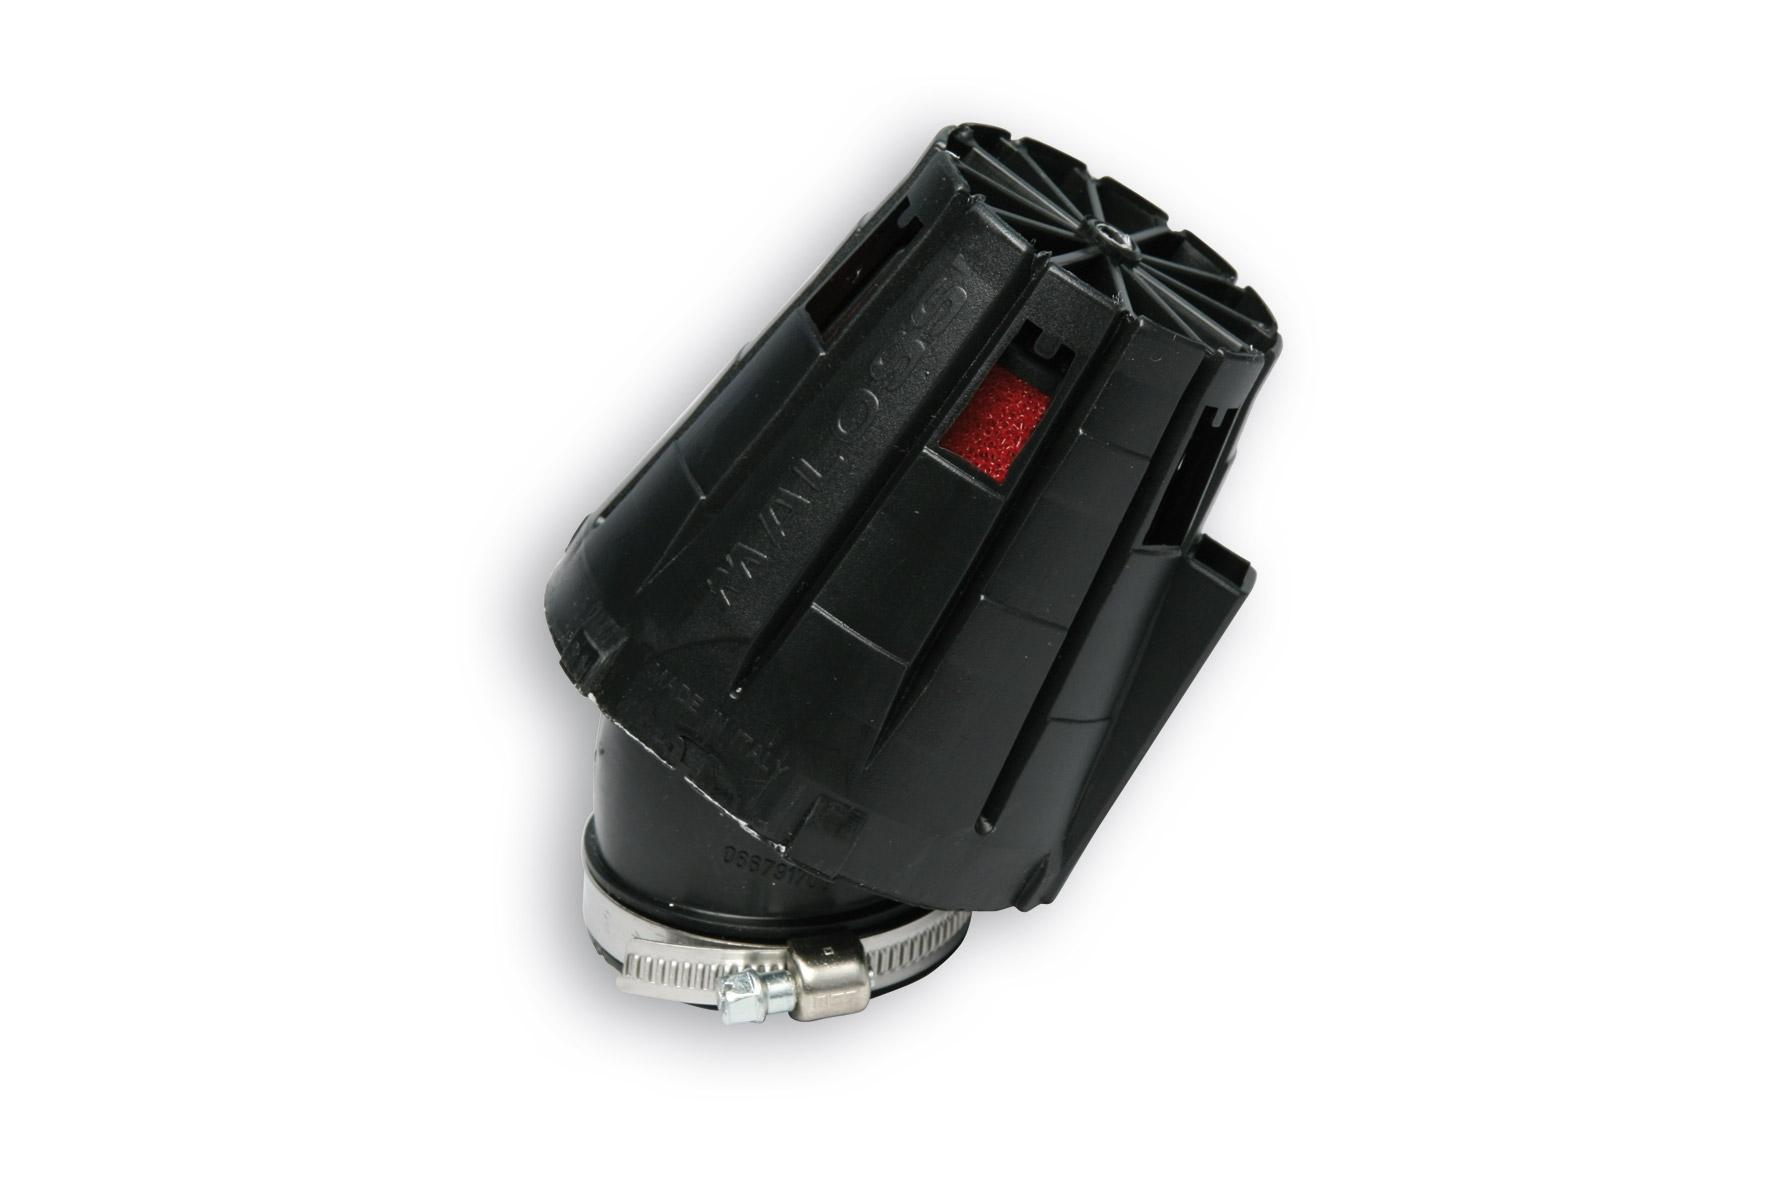 Filtre à air Malossi Red Filter E5 D.52 incliné 30 couvercle noir